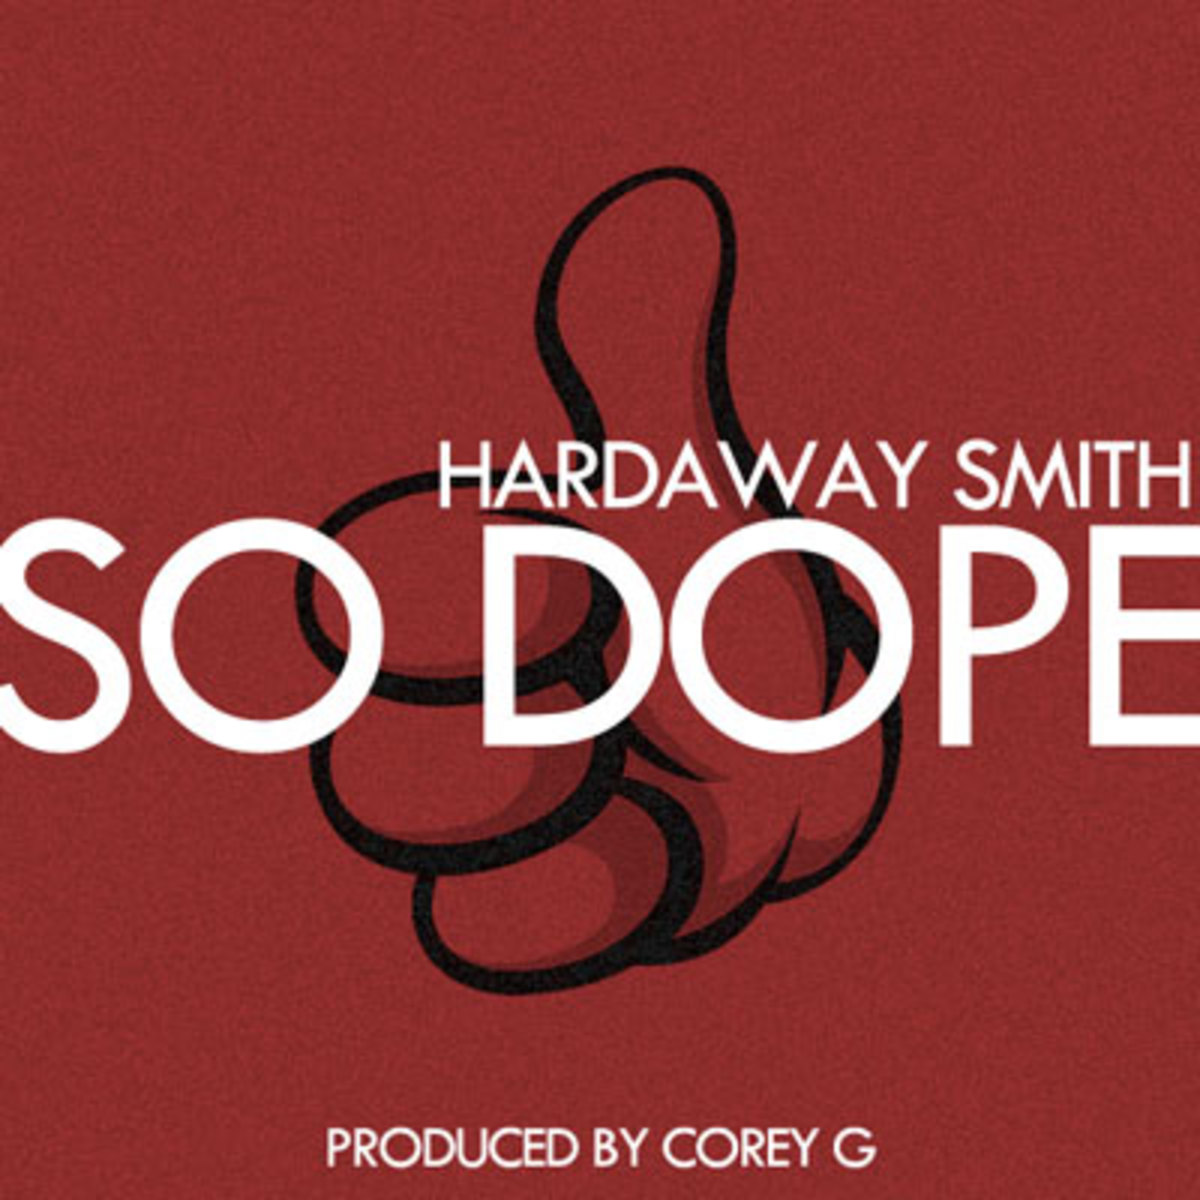 hardawaysmith-sodope.jpg